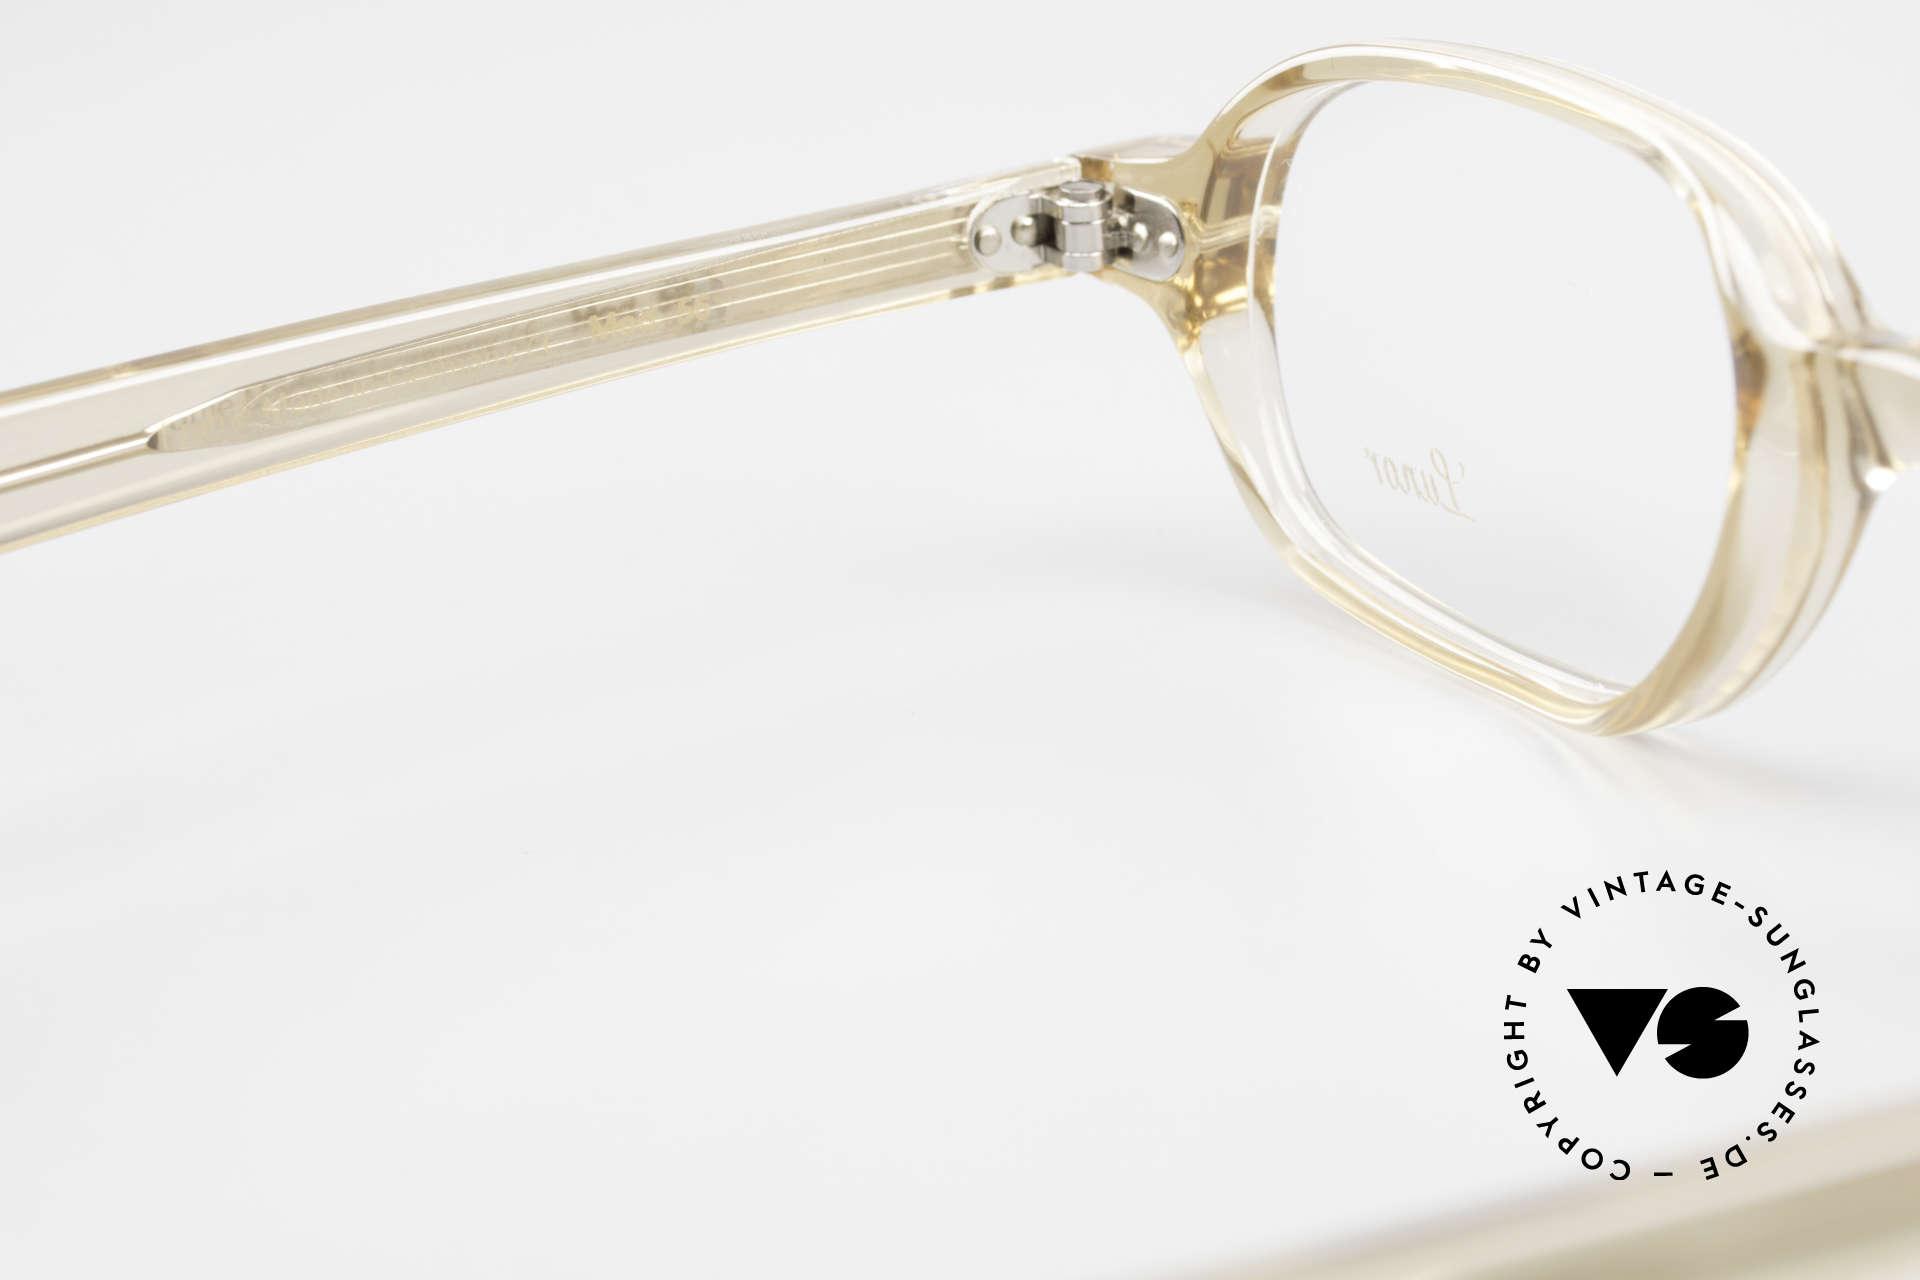 Lunor A56 Klassische Lunor Acetat Brille, Rahmen kann beliebig verglast werden (optisch/Sonne), Passend für Herren und Damen